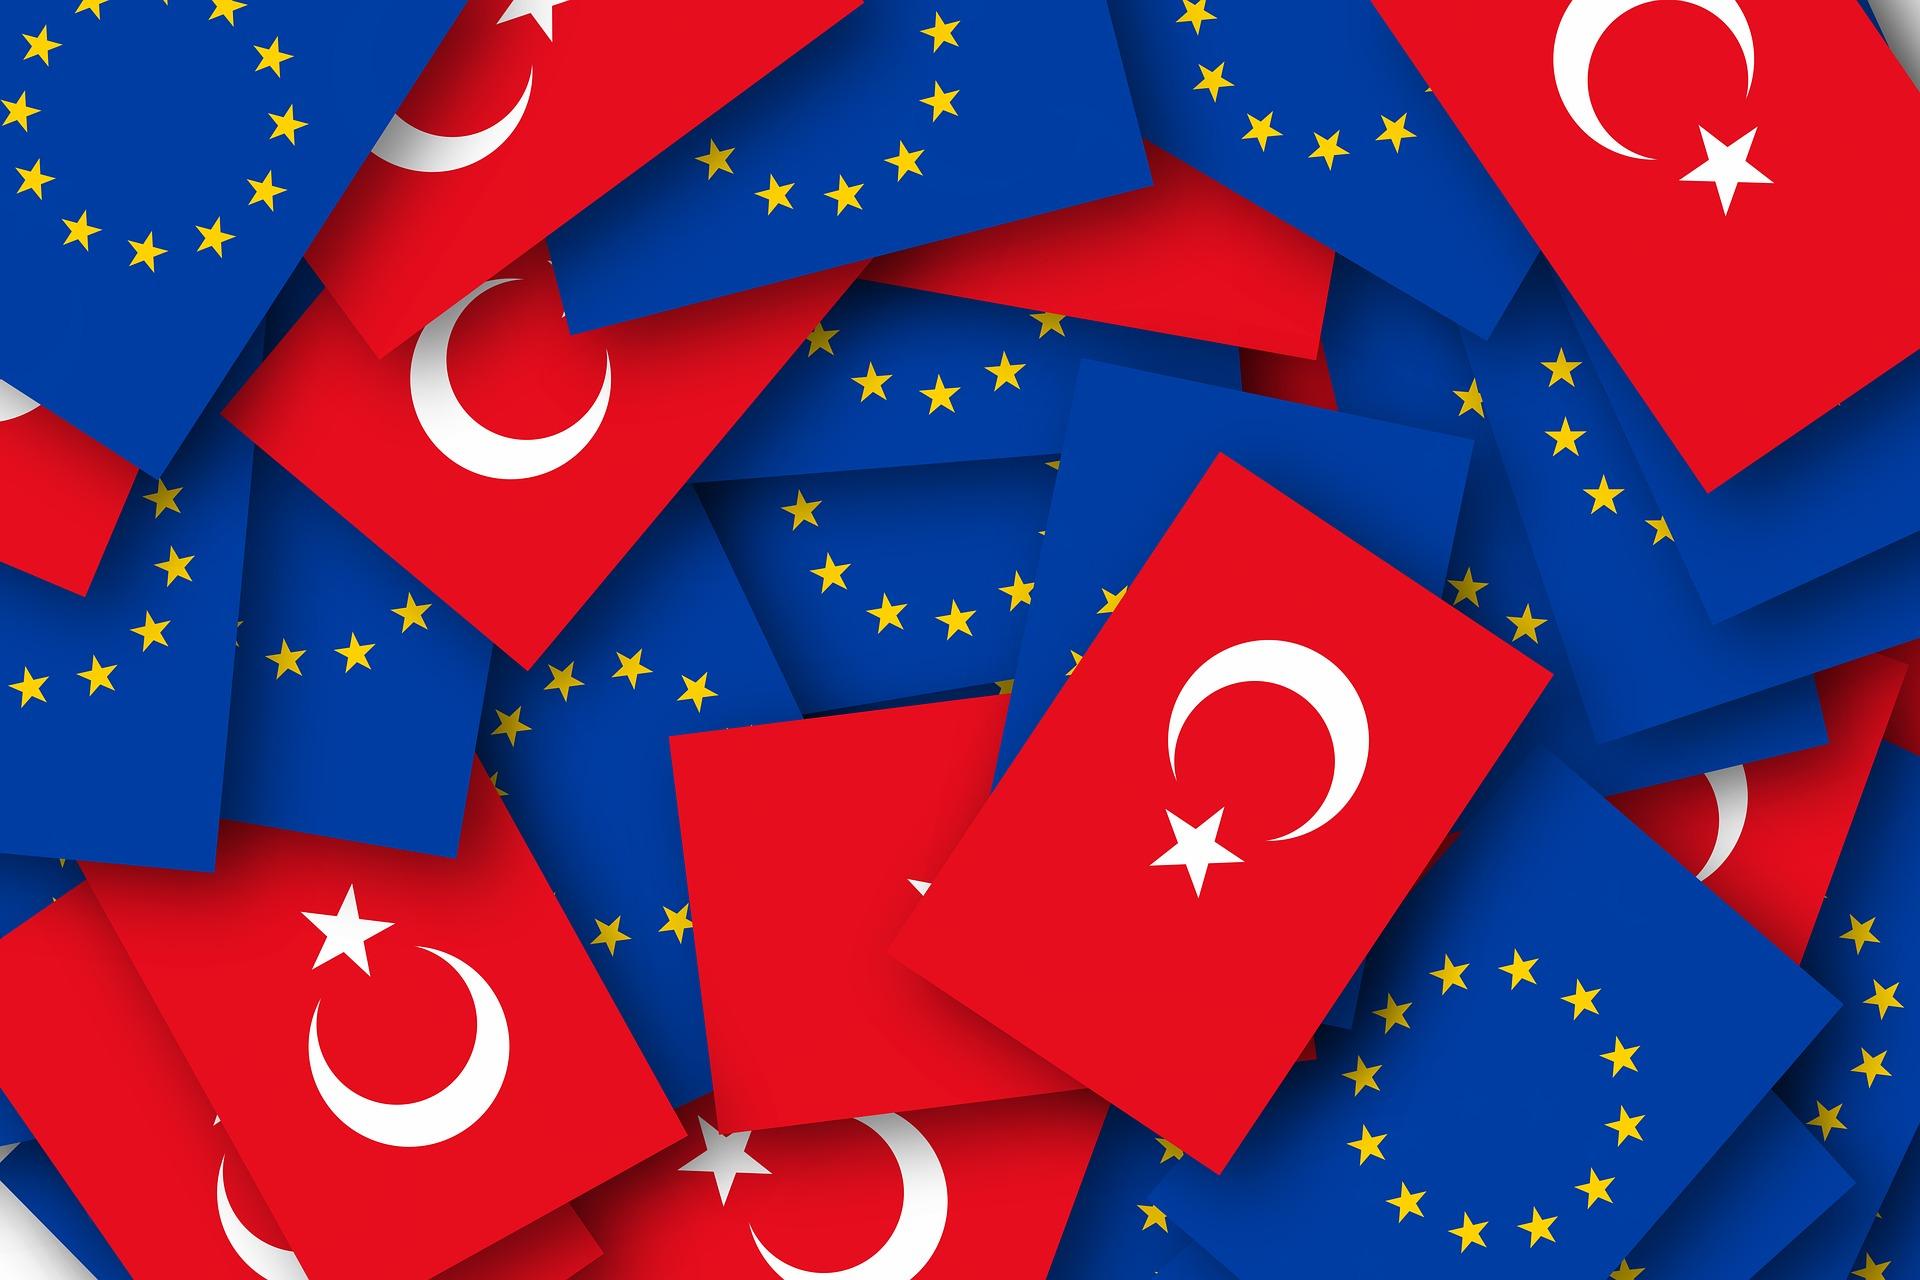 Neuer EU-Türkei-Deal würde für mehr pestizidbehandelte Lebensmittelimporte sorgen